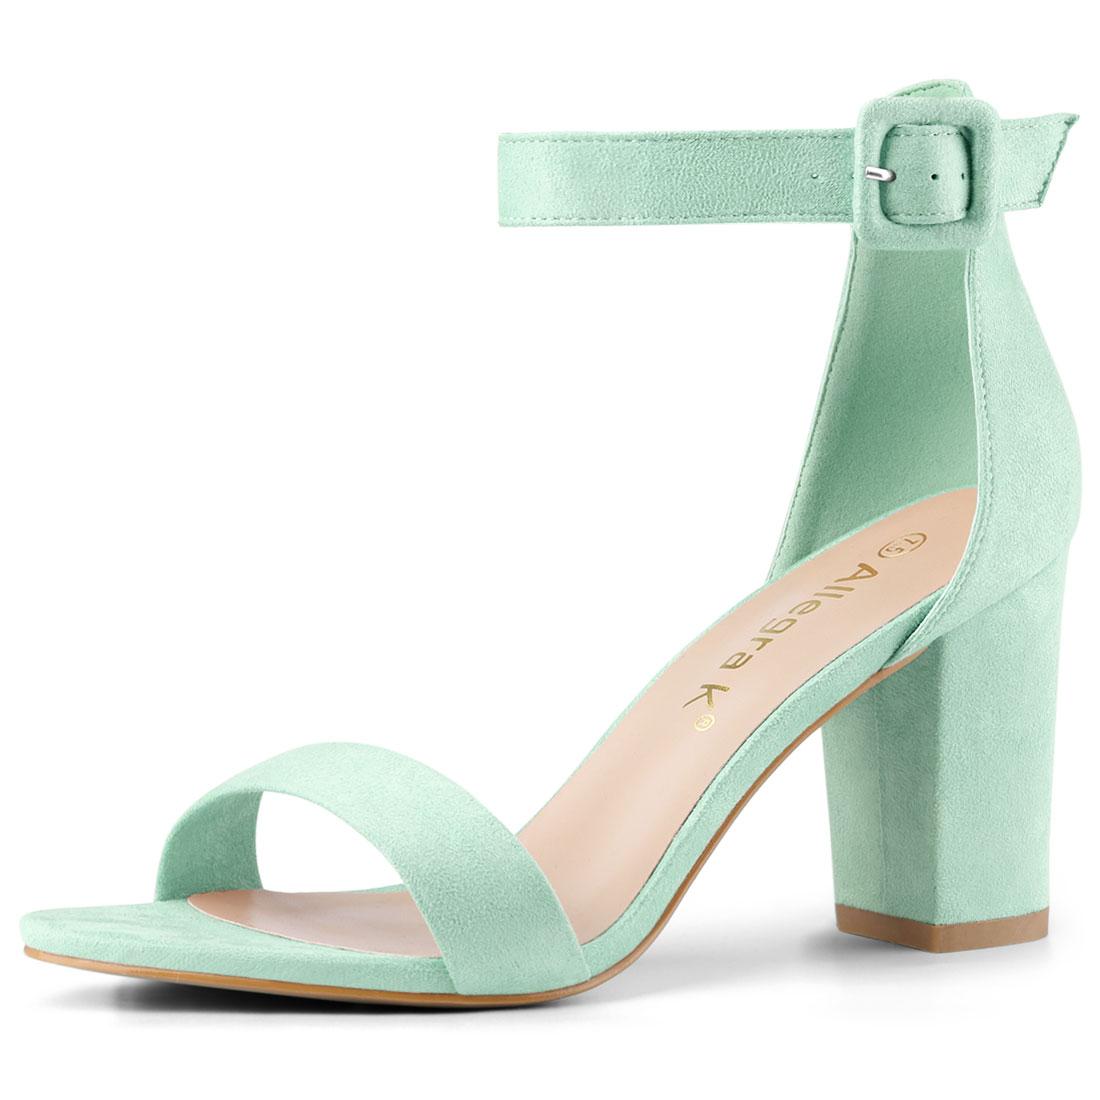 Allegra K Women's Chunky High Heel Ankle Strap Sandals Light Green US 7